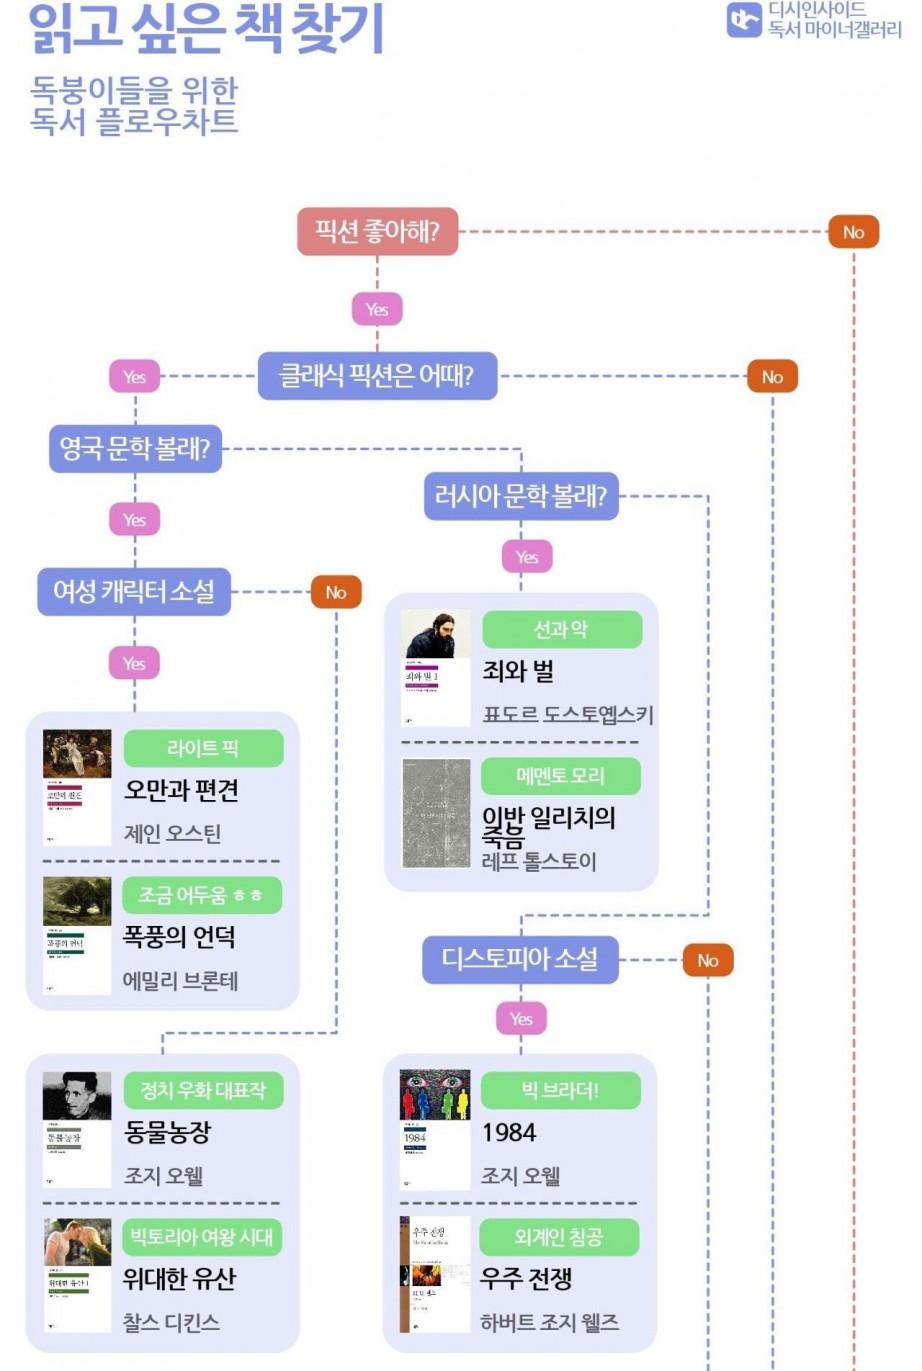 디시 독서 마이너갤에서 만든 독서 플로우 차트